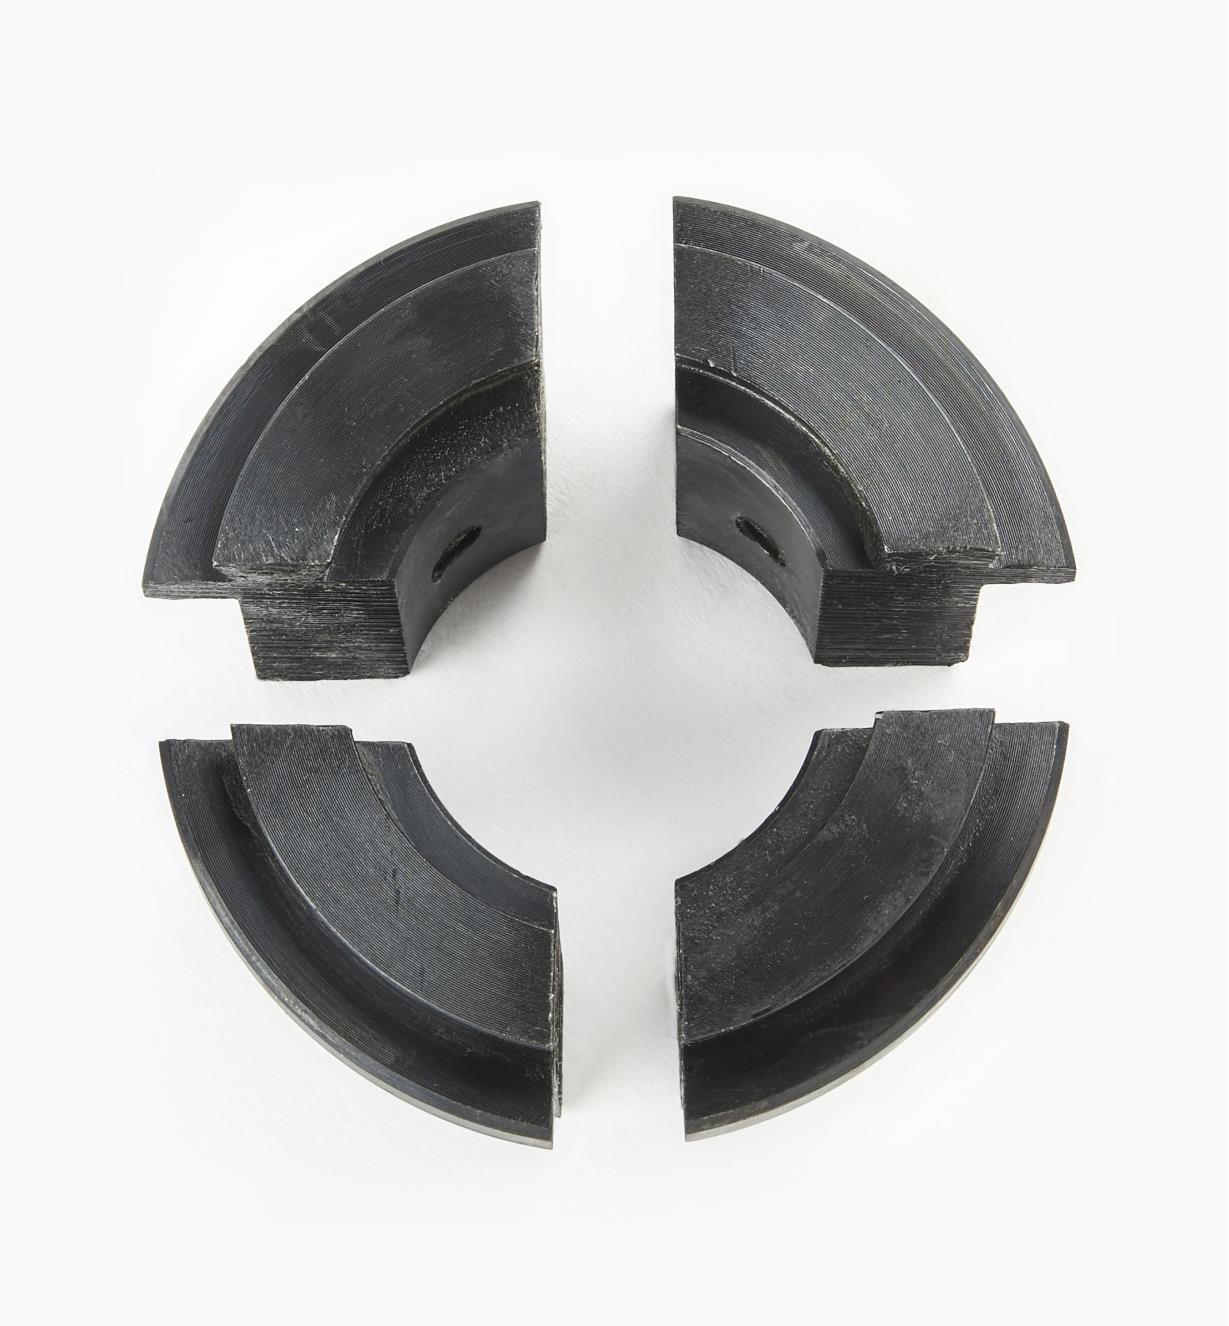 58B4063 - Jeu de mors-réducteurs O'Donnell Axminster, 38 mm (1 1/2 po)